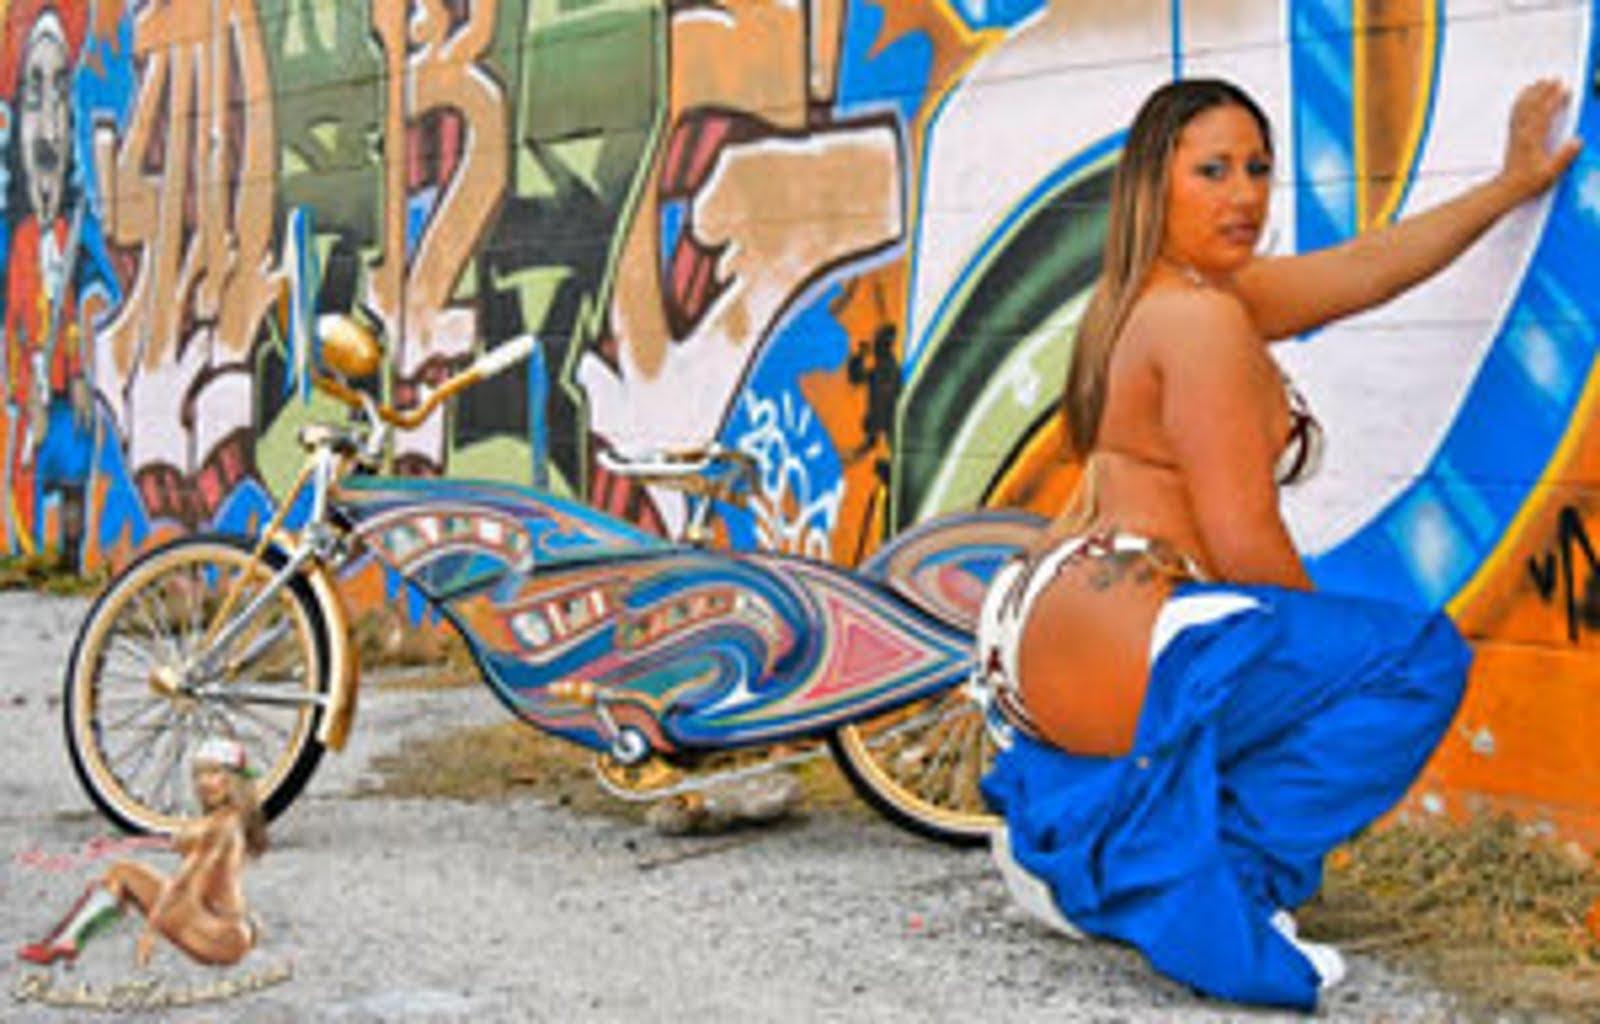 Sexy girl graffiti